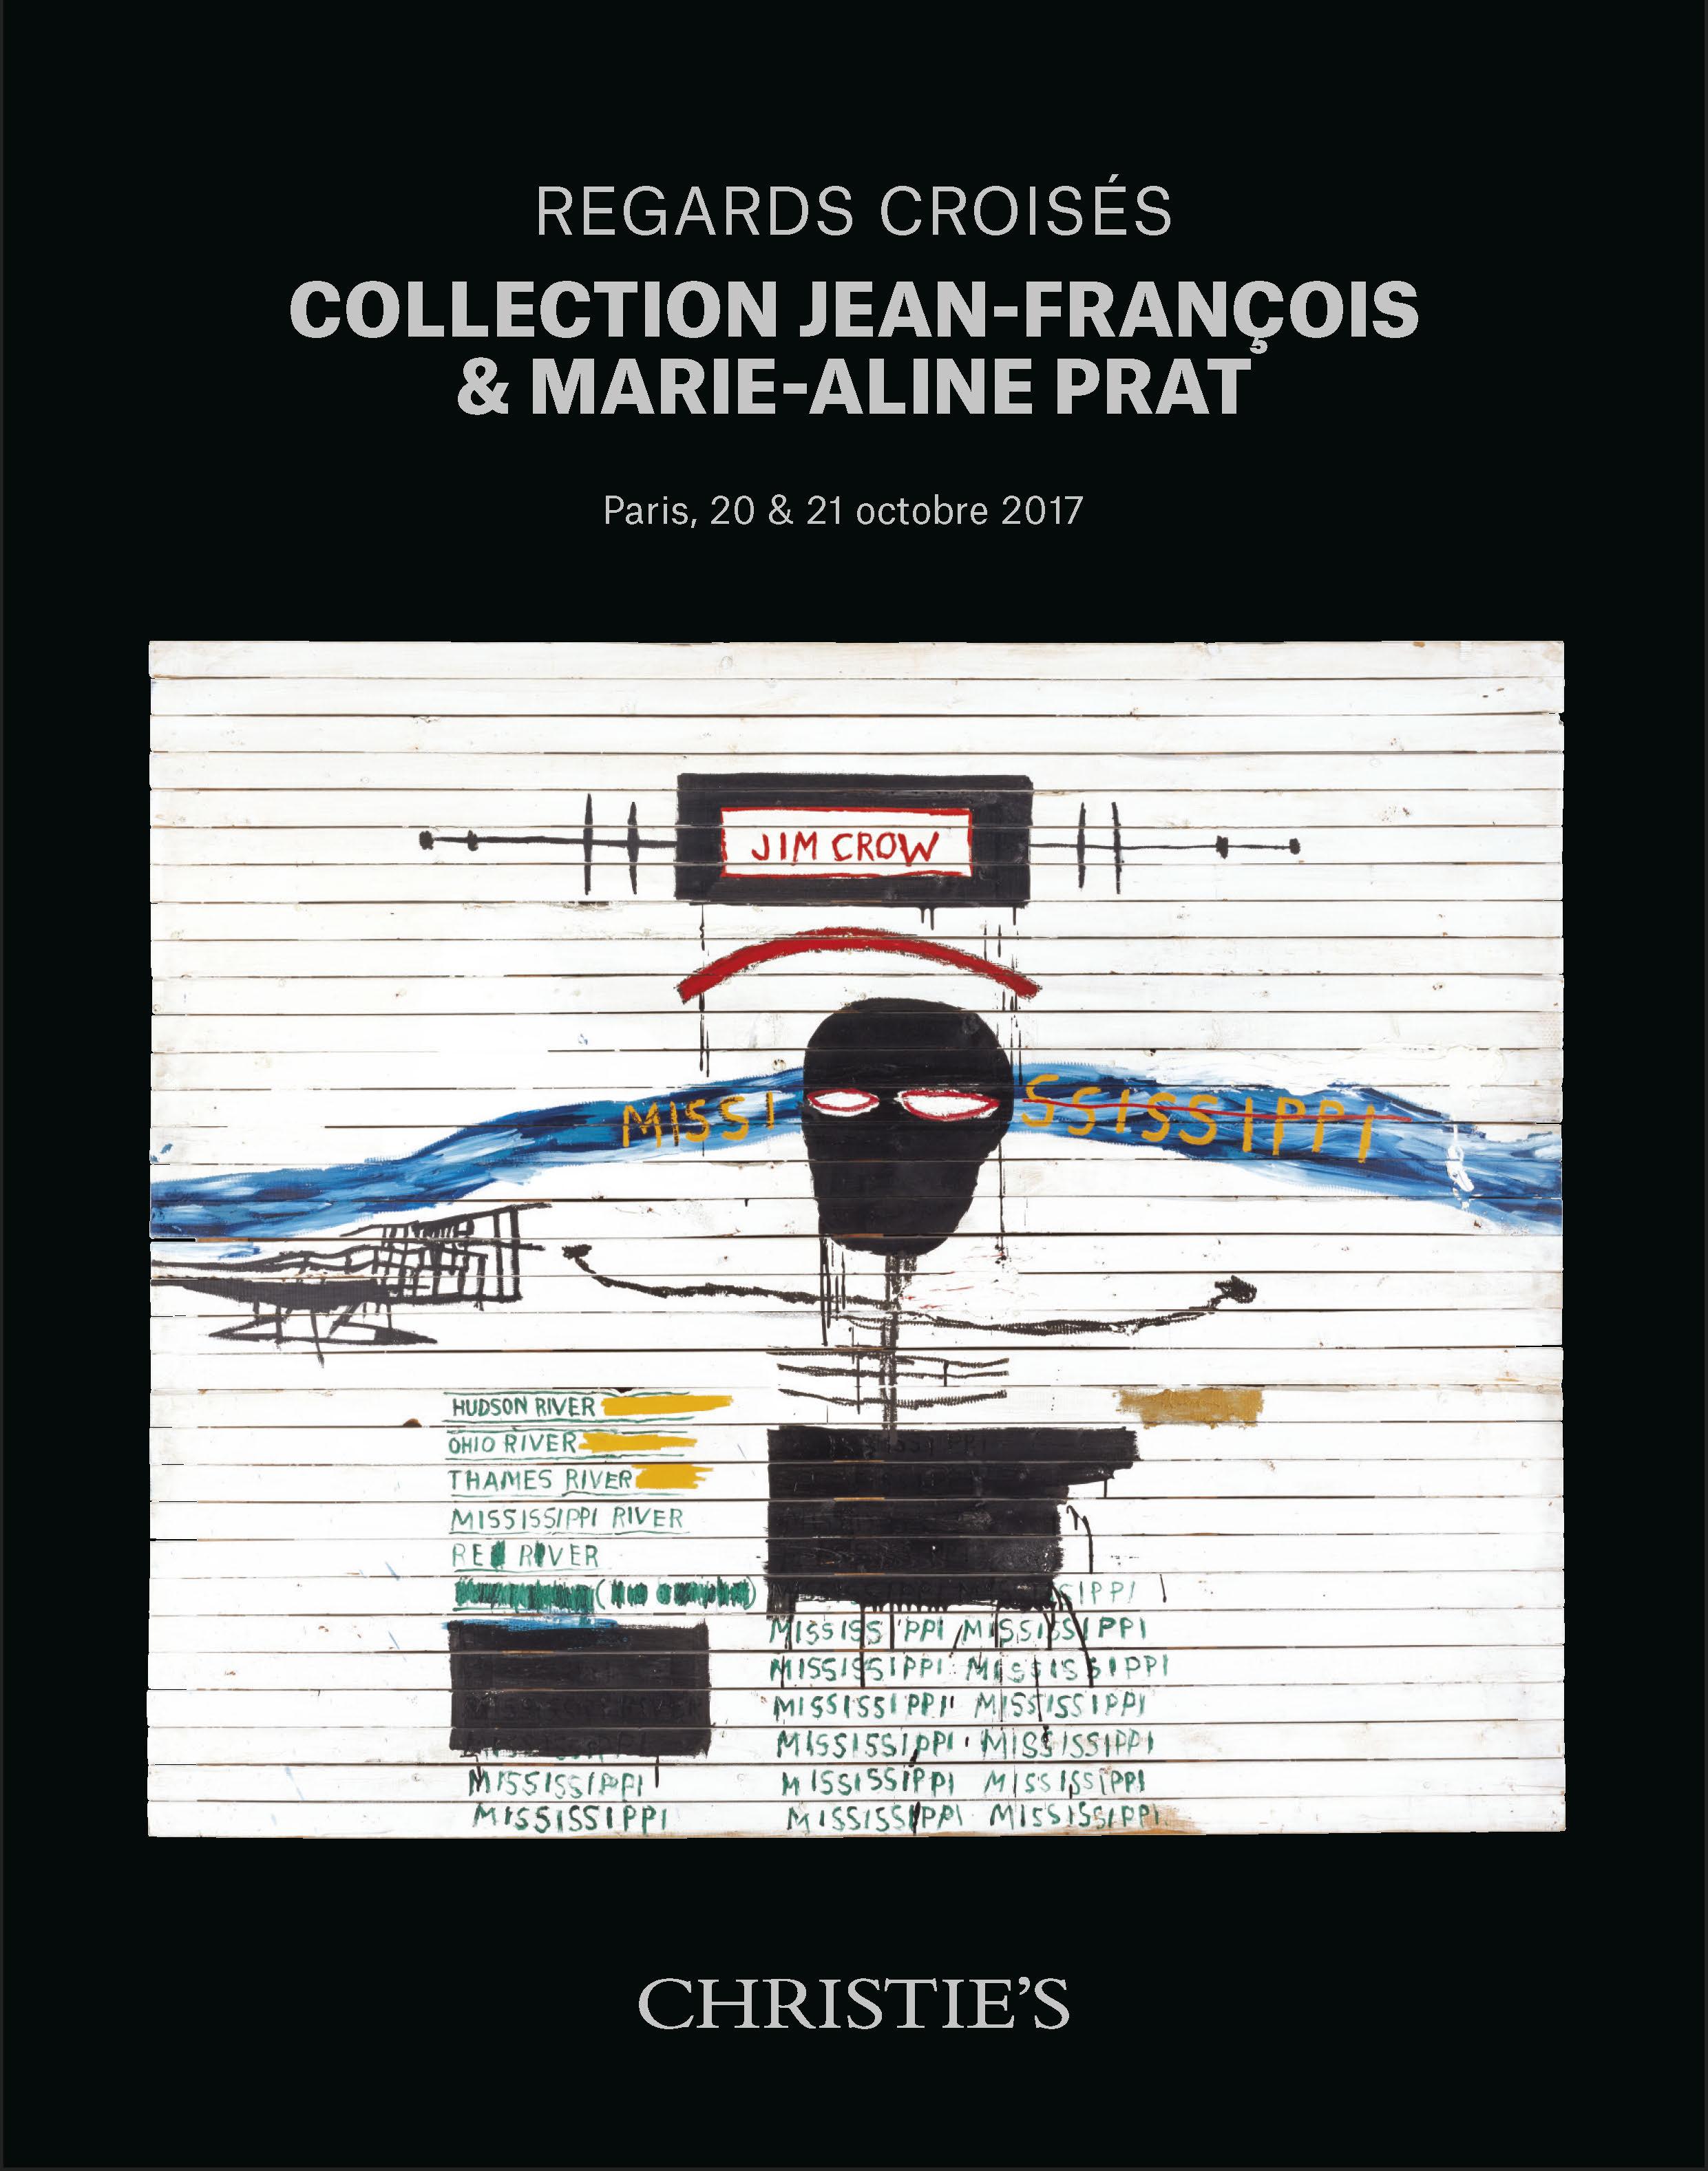 REGARDS CROISÉS  COLLECTION JEAN-FRANÇOIS & MARIE-ALINE PRAT - EVENING SALE